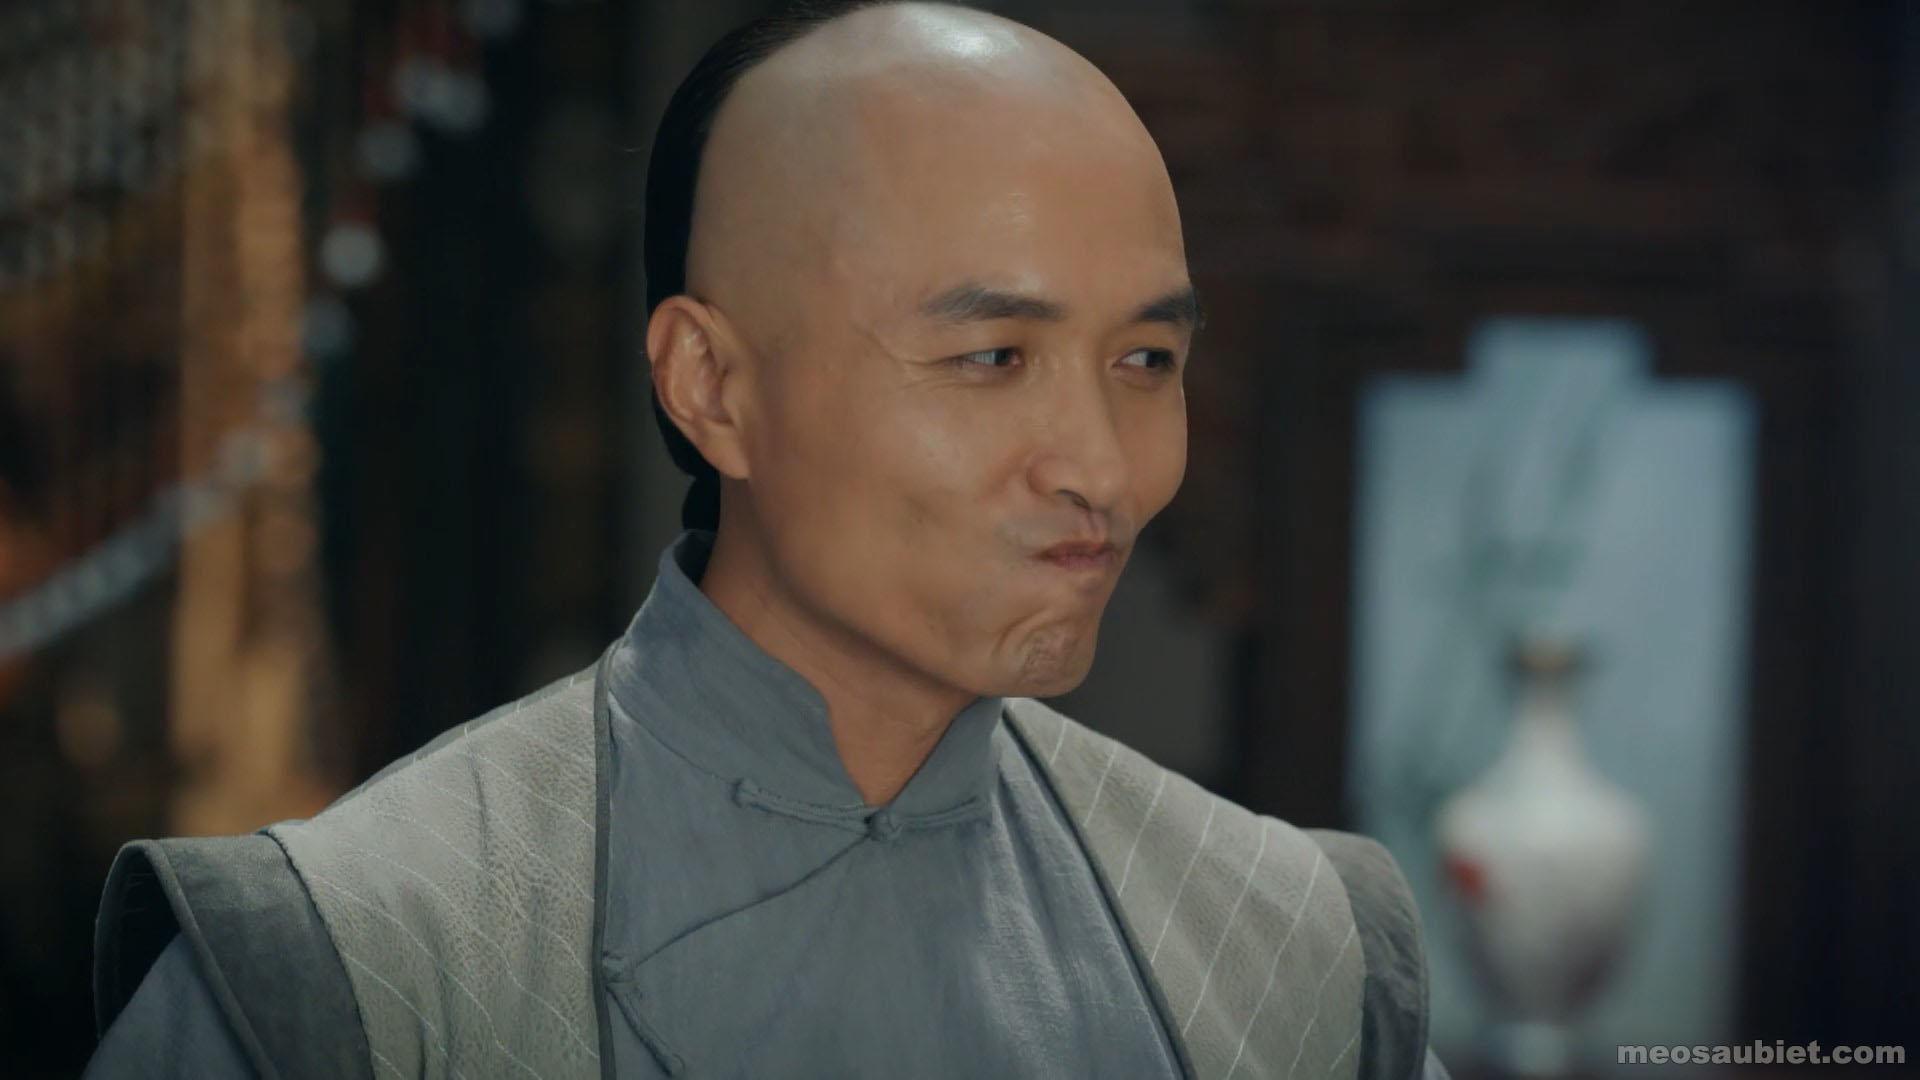 Đại hiệp Hoắc Nguyên Giáp 2020 Giả Hoành Vỹ trong vai Lưu Chấn Thanh